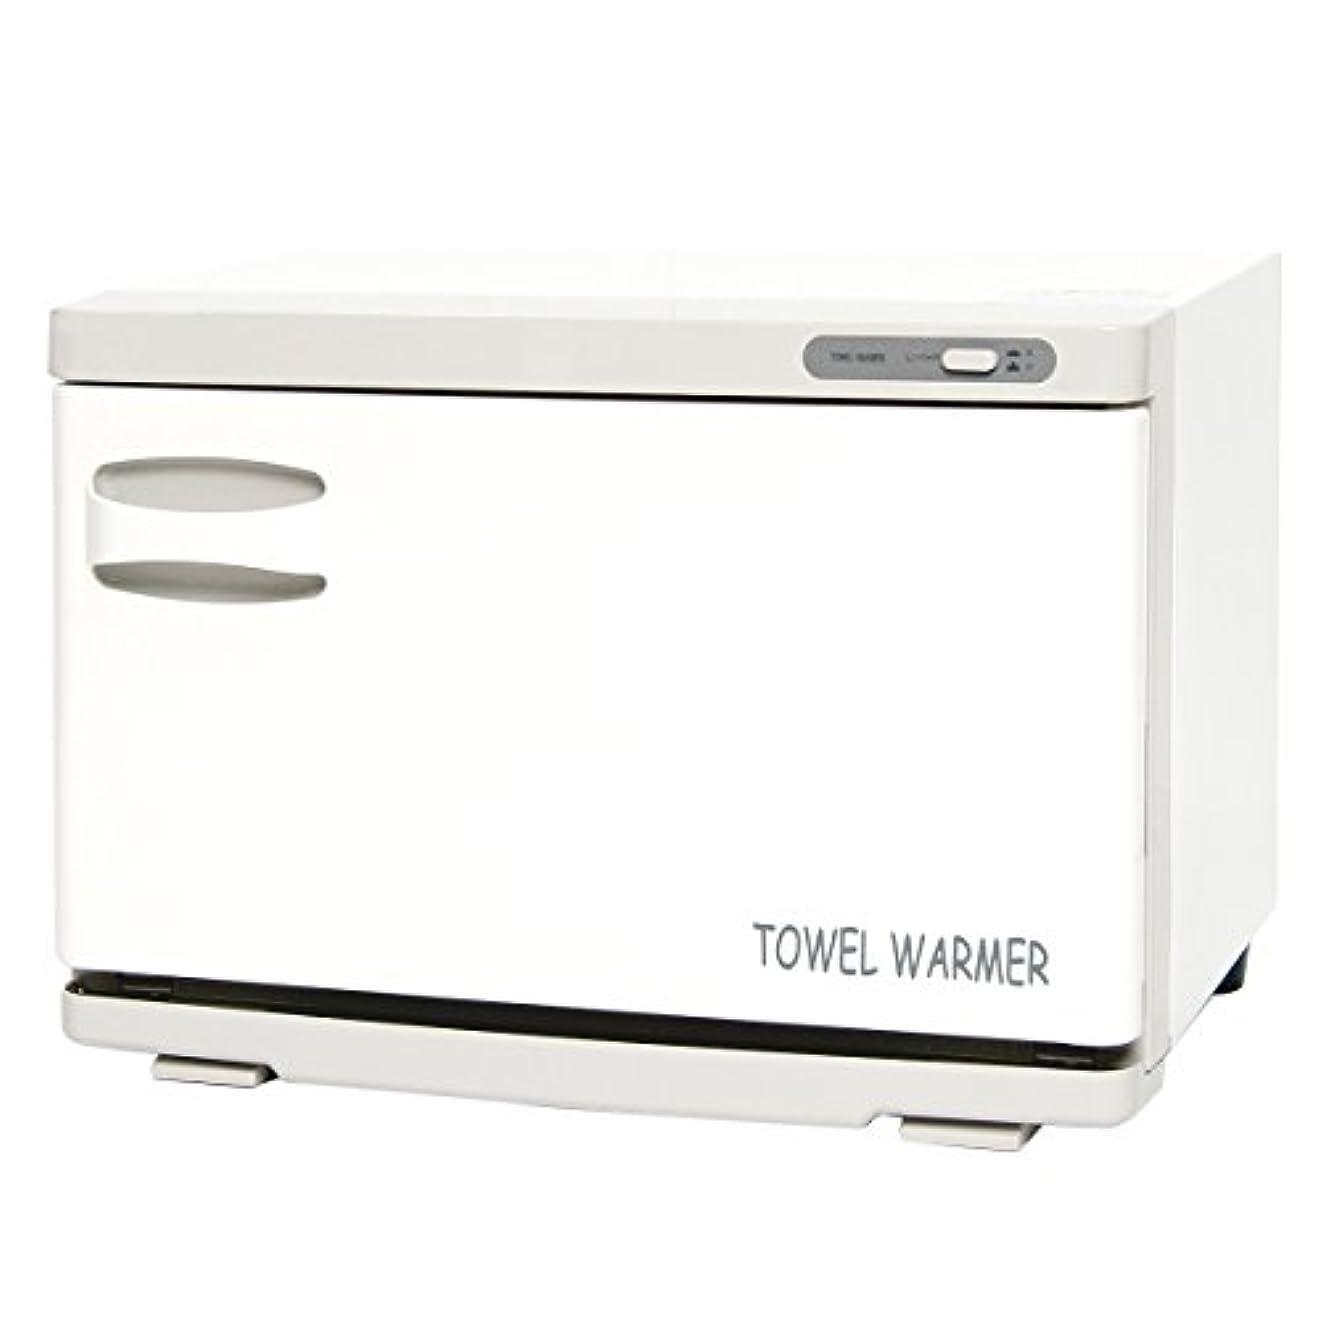 浪費スクレーパースーパータオルウォーマー (前開き) 12L [ タオル蒸し器 おしぼり蒸し器 タオルスチーマー ホットボックス タオル おしぼり ウォーマー スチーマー 業務用 保温器 ]